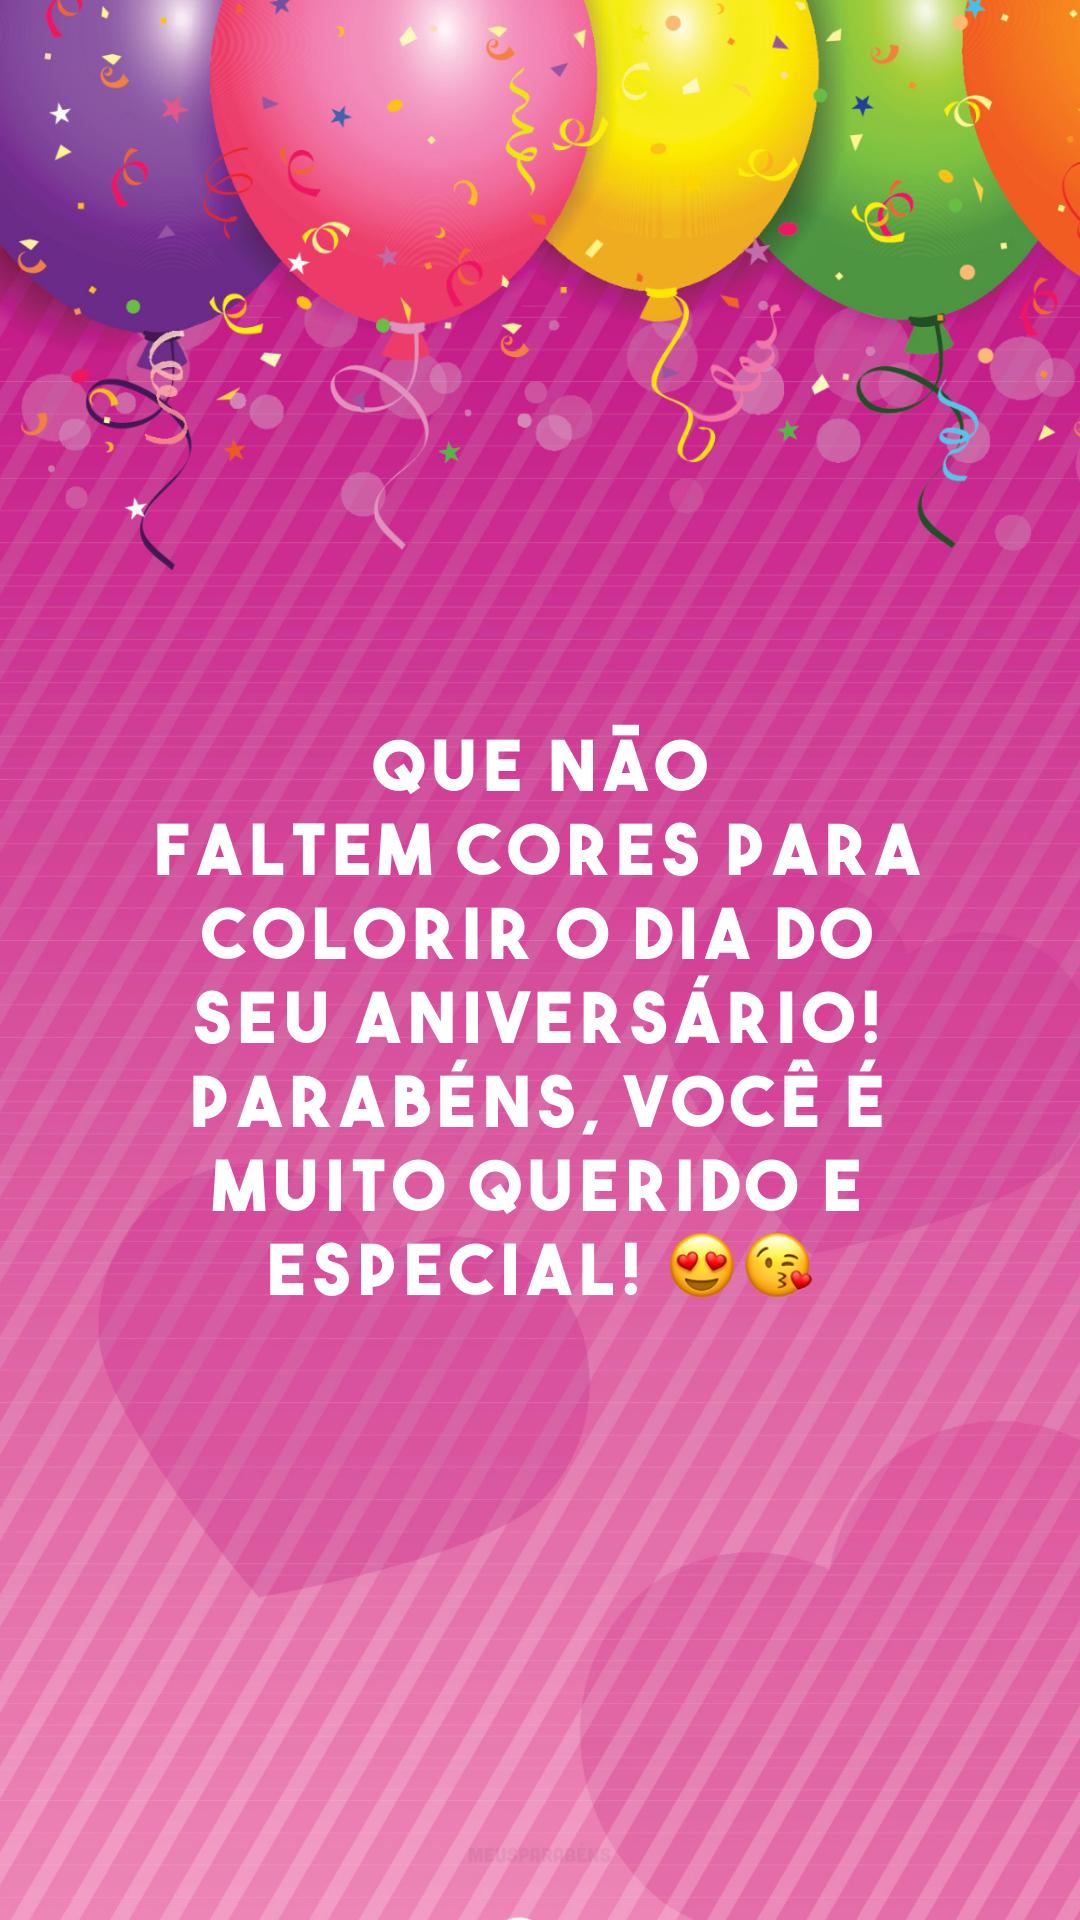 Que não faltem cores para colorir o dia do seu aniversário! Parabéns, você é muito querido e especial! 😍😘